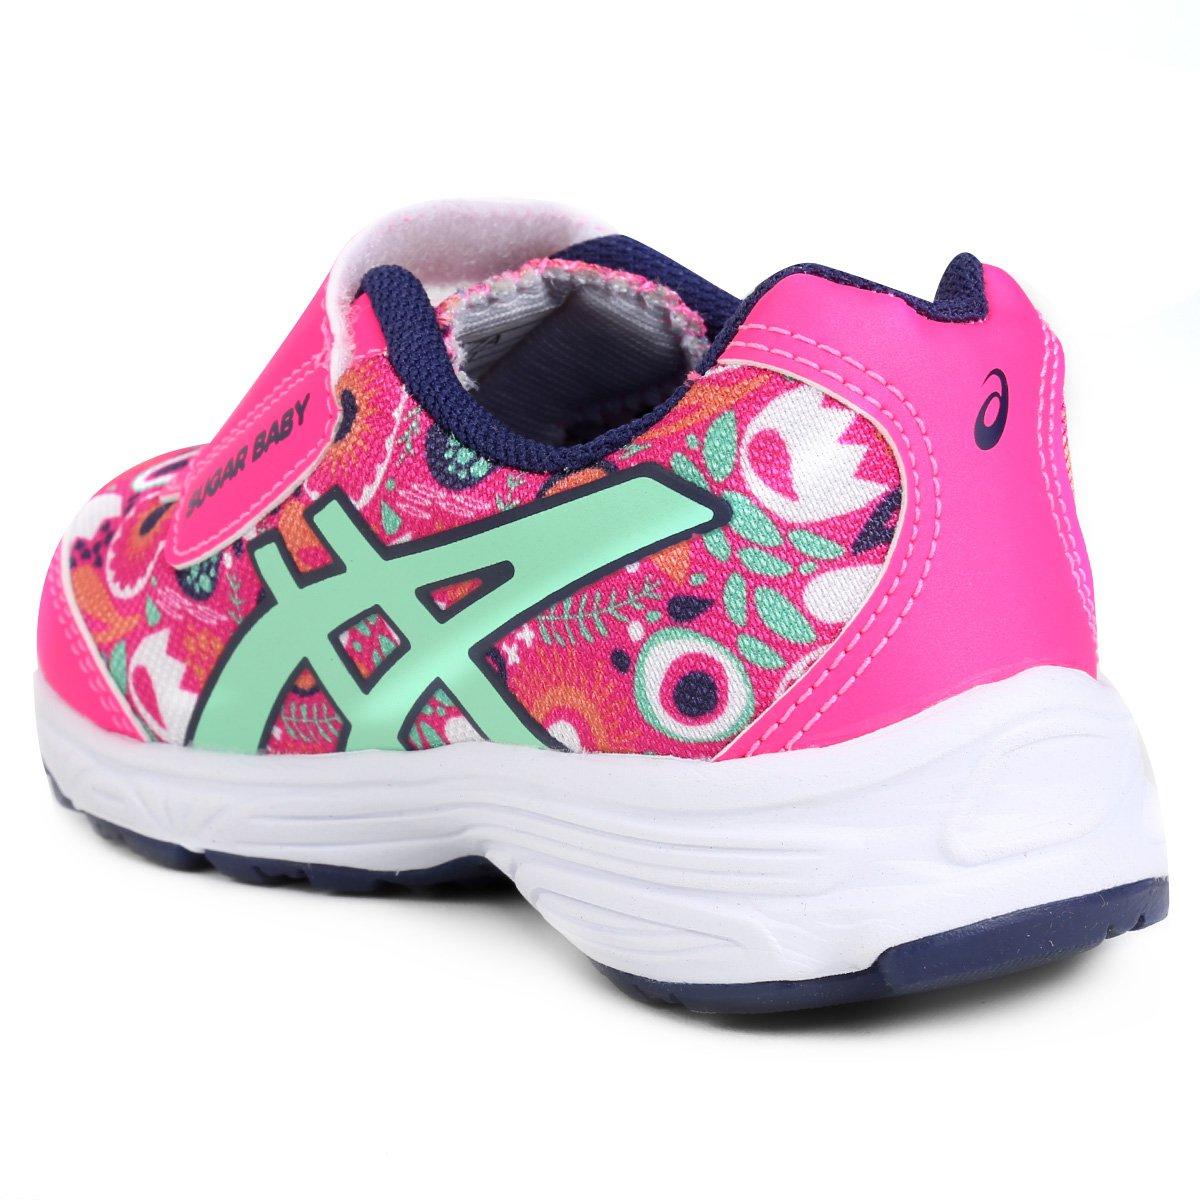 Tênis Infantil Asics Sugar Baby 2 Ts - Pink e Marinho - Compre Agora ... 65d94b2304821